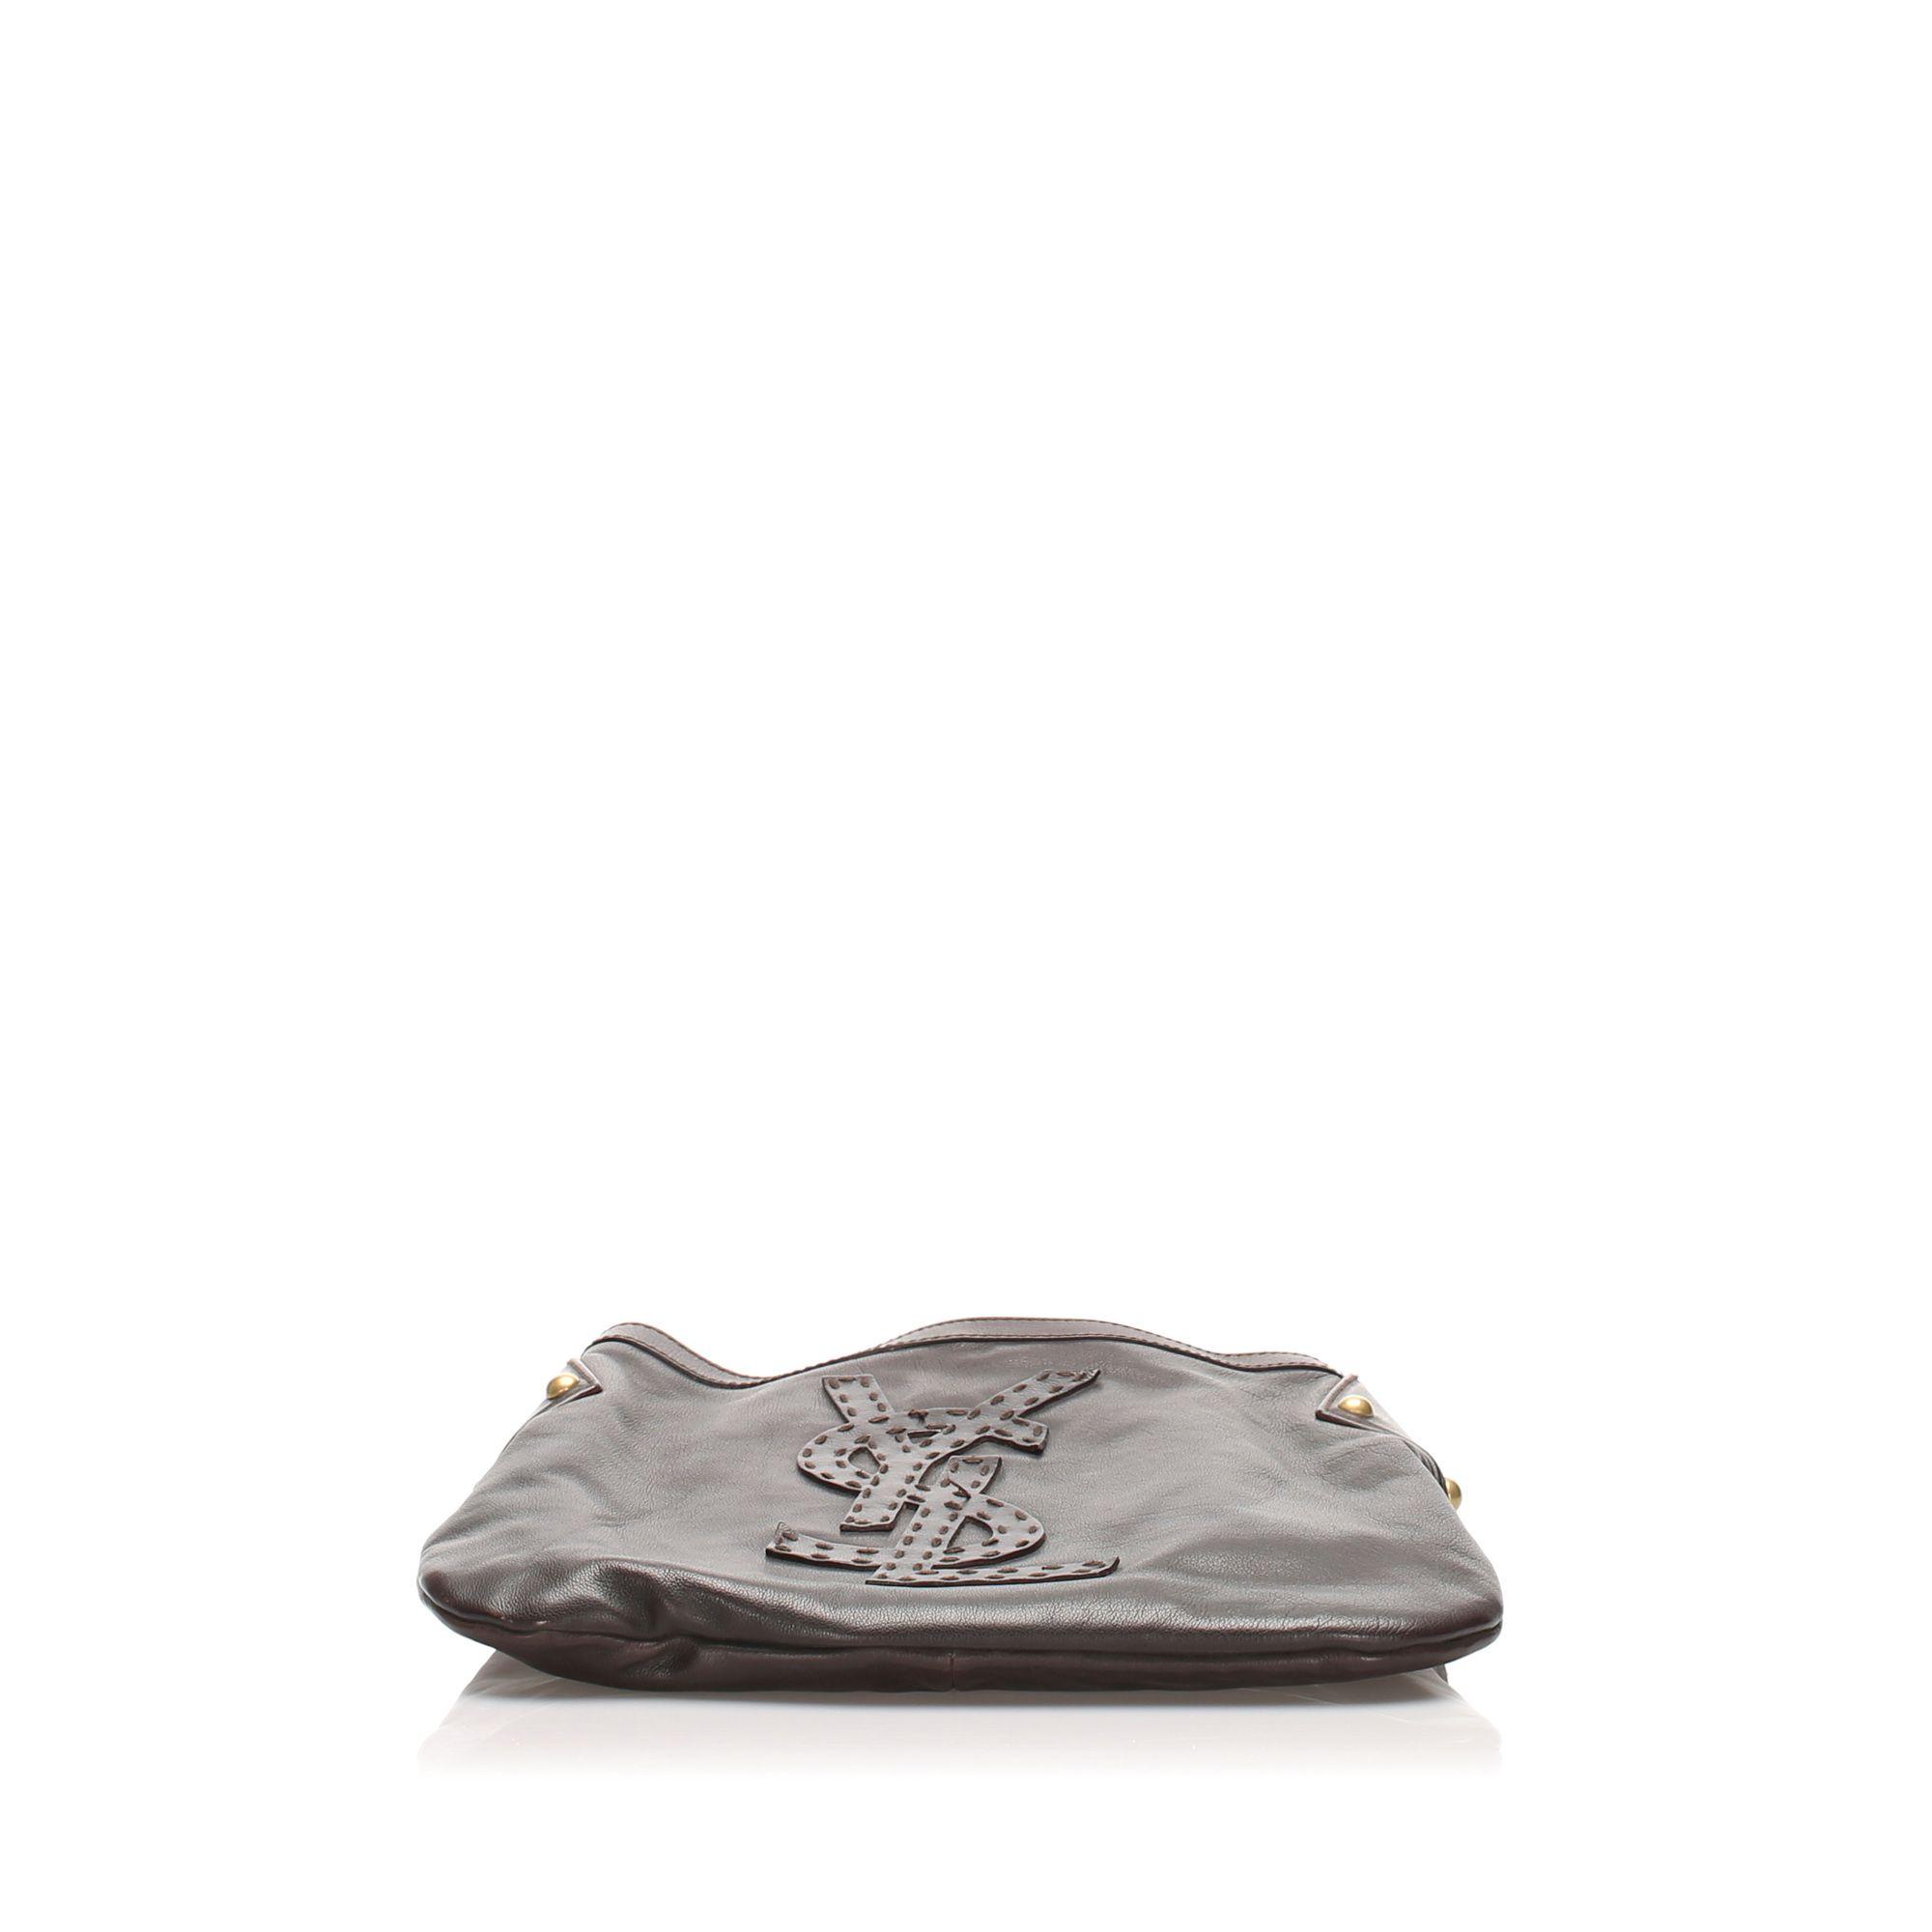 Vintage YSL Kahala Leather Shoulder Bag Brown